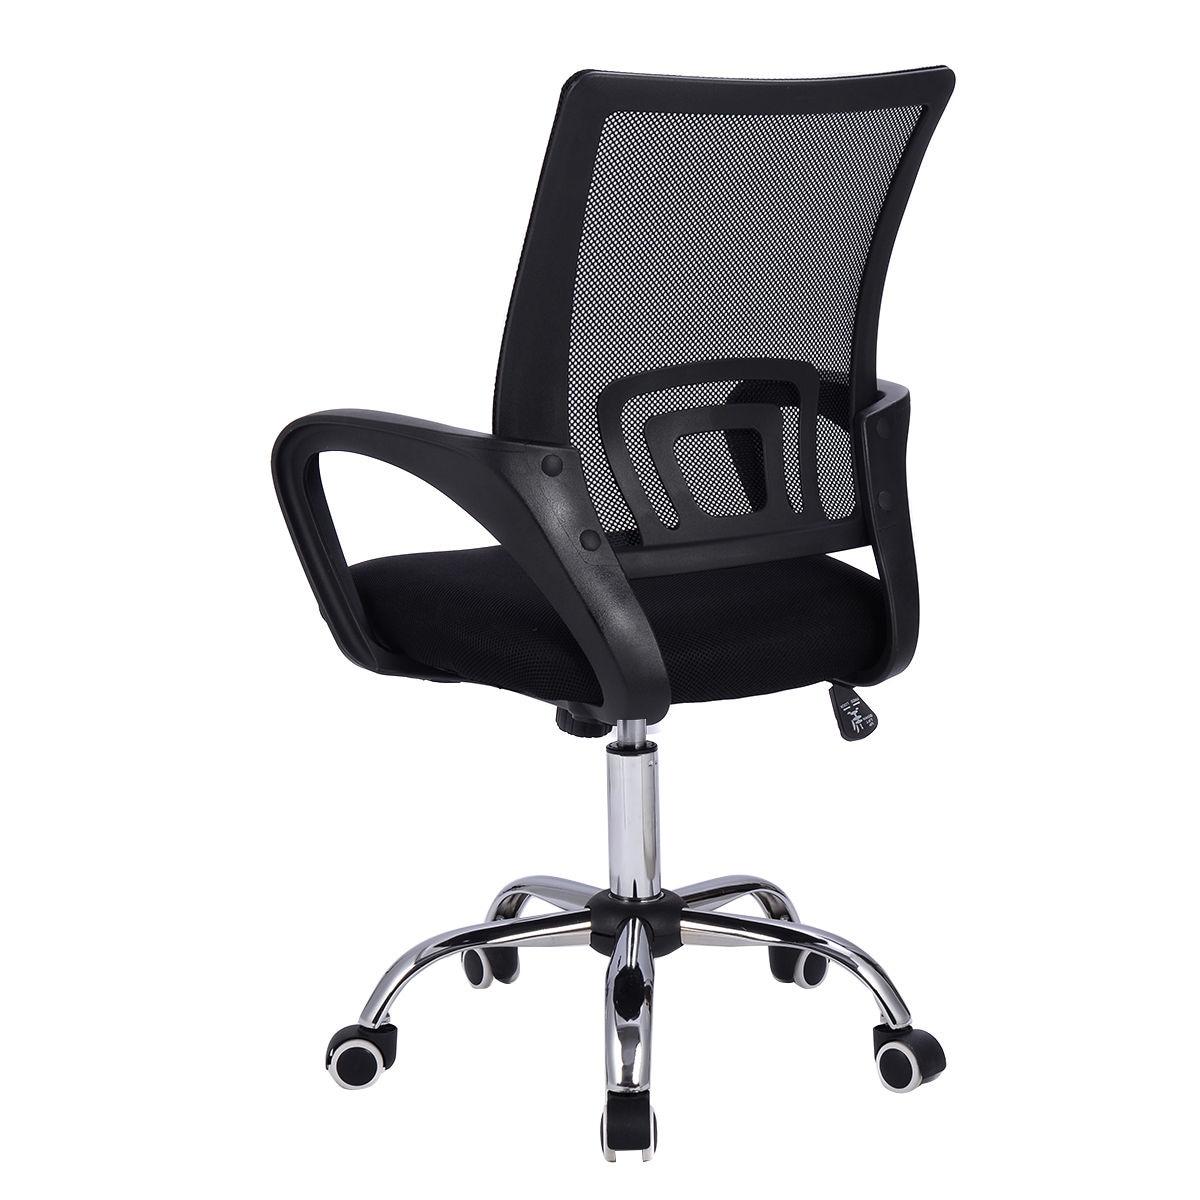 Modern Mesh Mid Back Chair Computer Desk Task Ergonomic